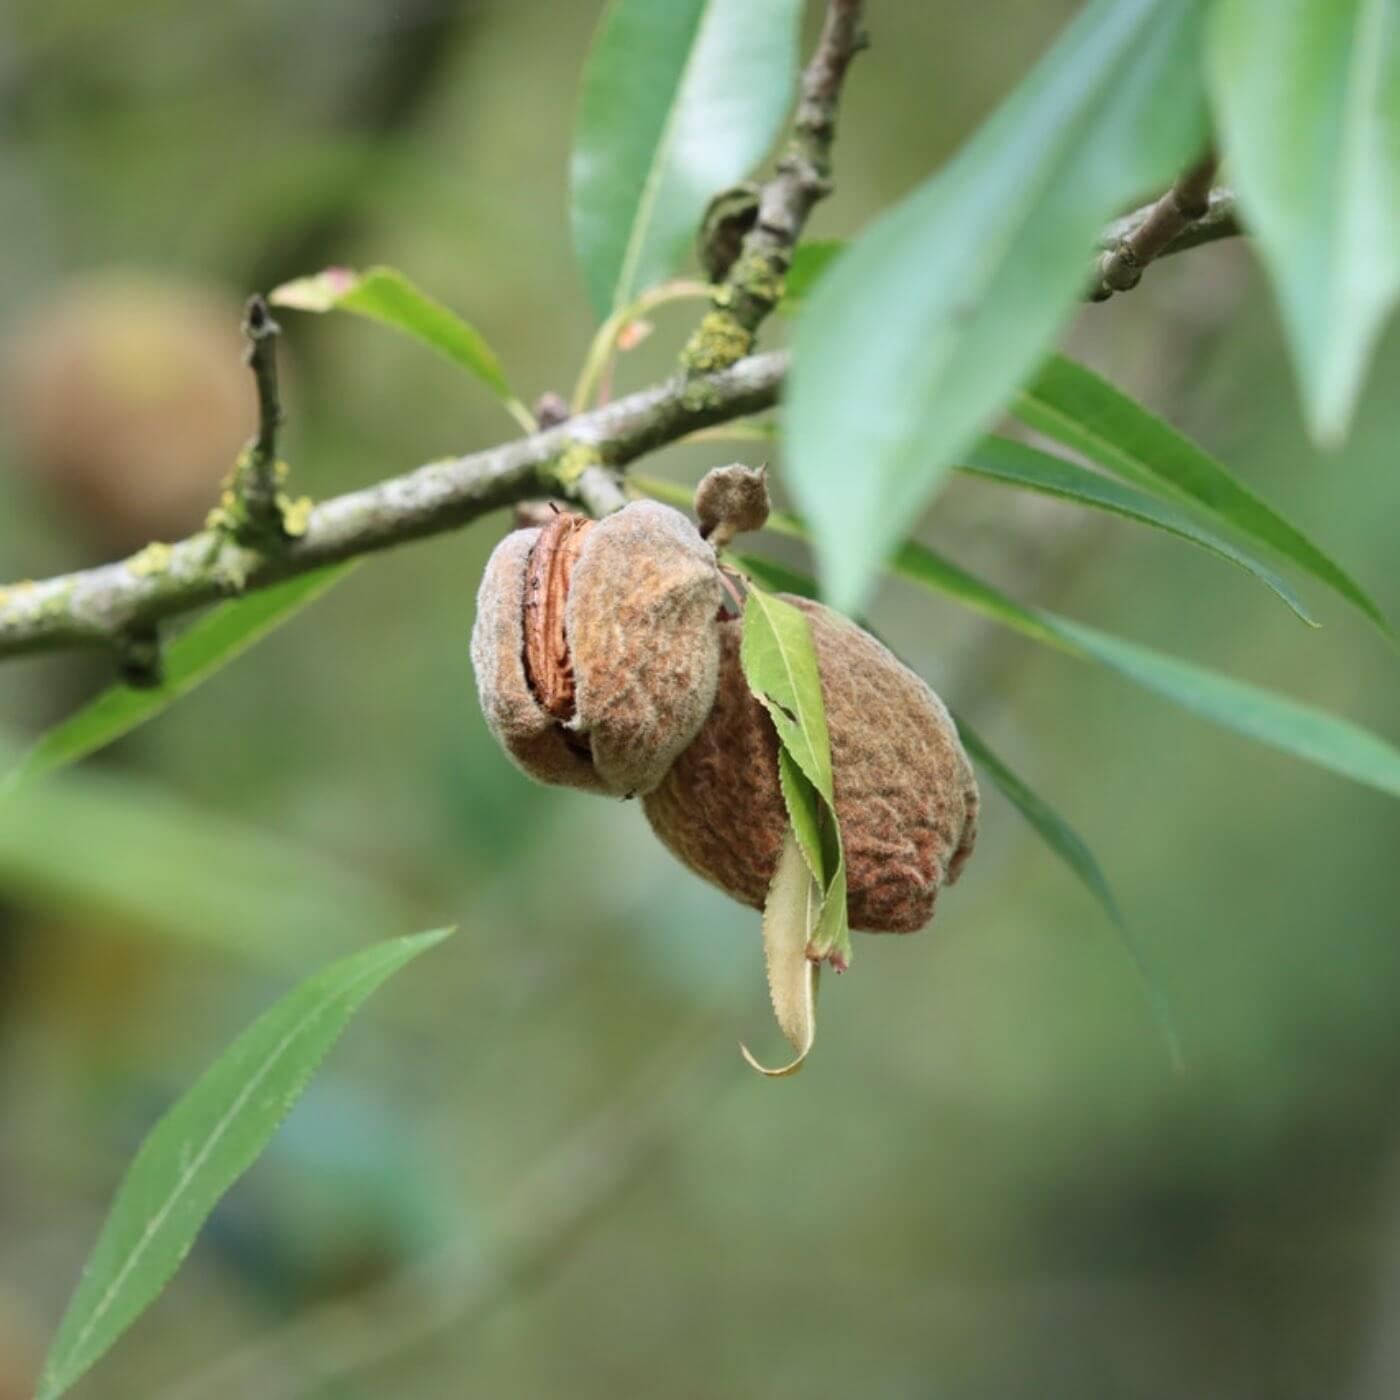 Mandelfrucht am Baum, der Mantel um den Mandelkern platzt auf bei der Mandelernte.